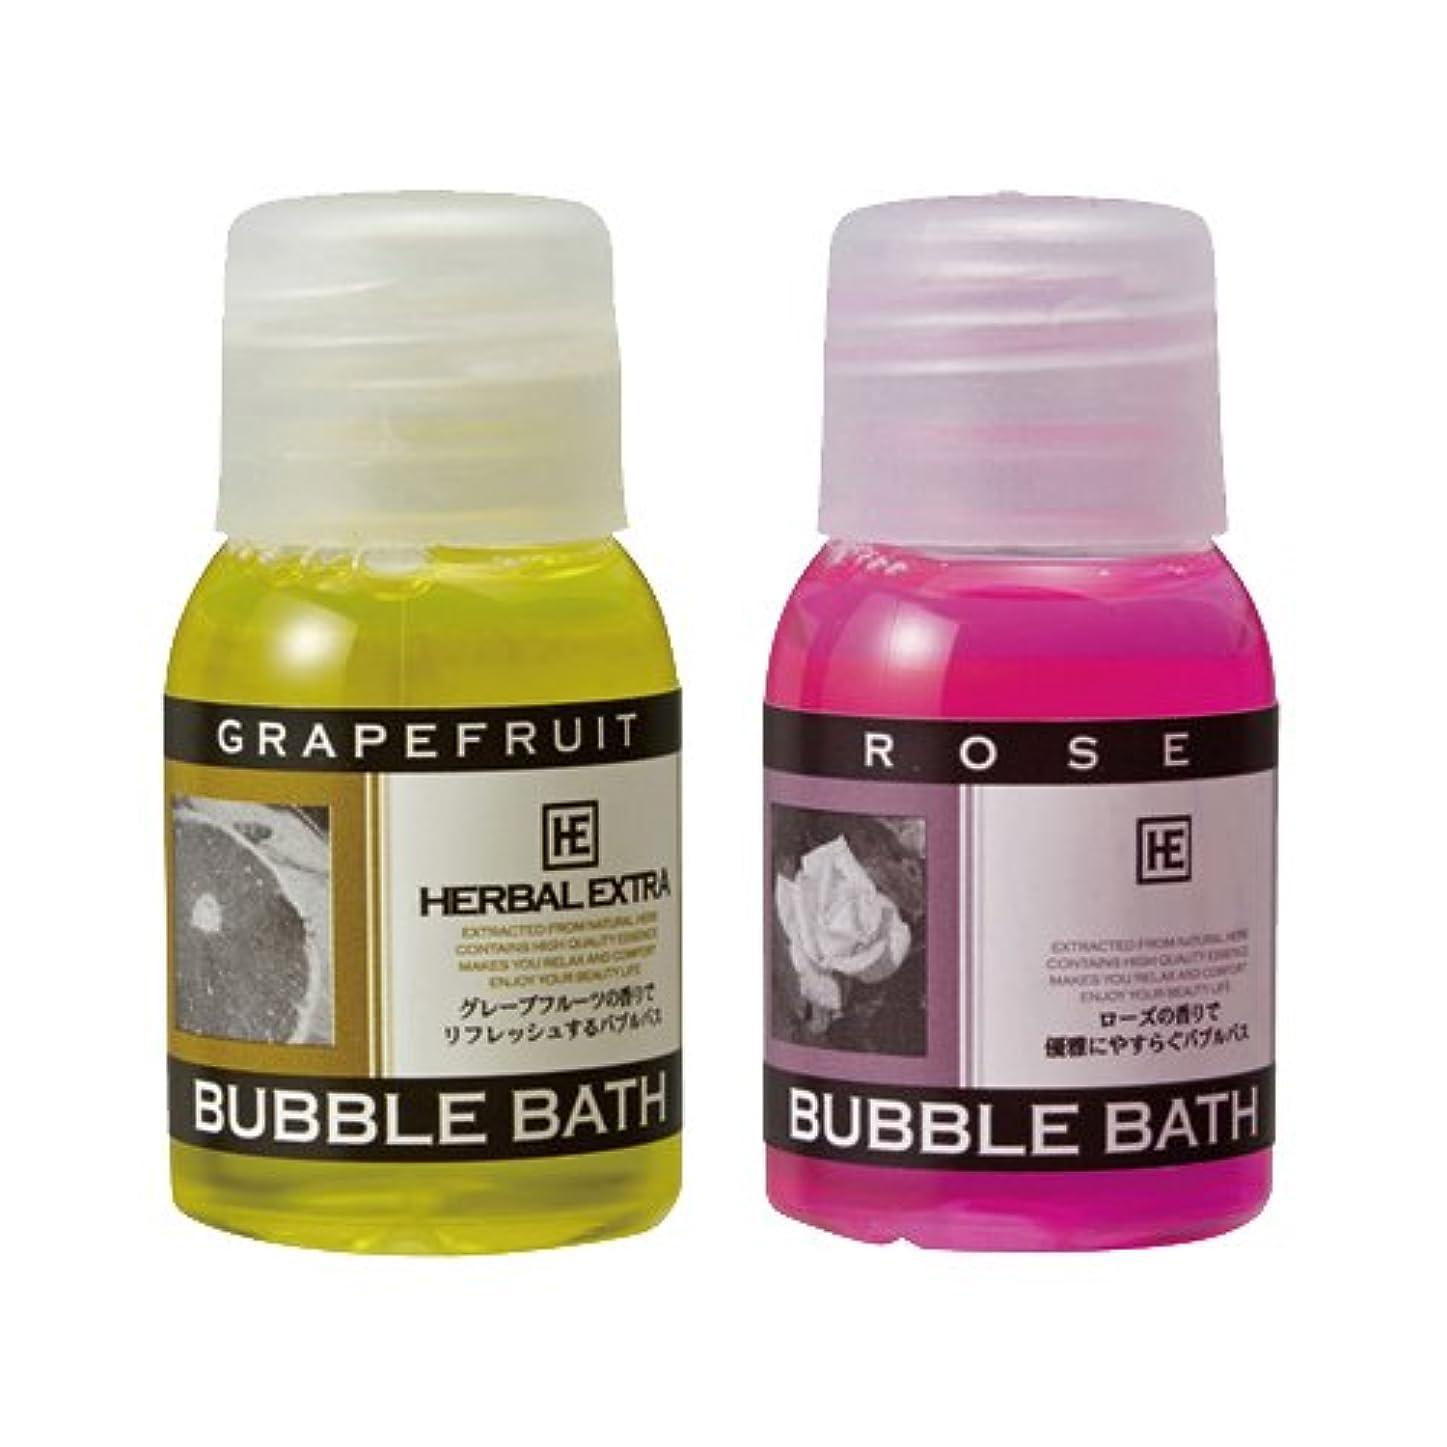 ブルーベルますます一生ハーバルエクストラ バブルバス ミニボトル × おまかせアソート10個セット - ホテルアメニティ 業務用 発泡入浴剤 (BUBBLE BATH)